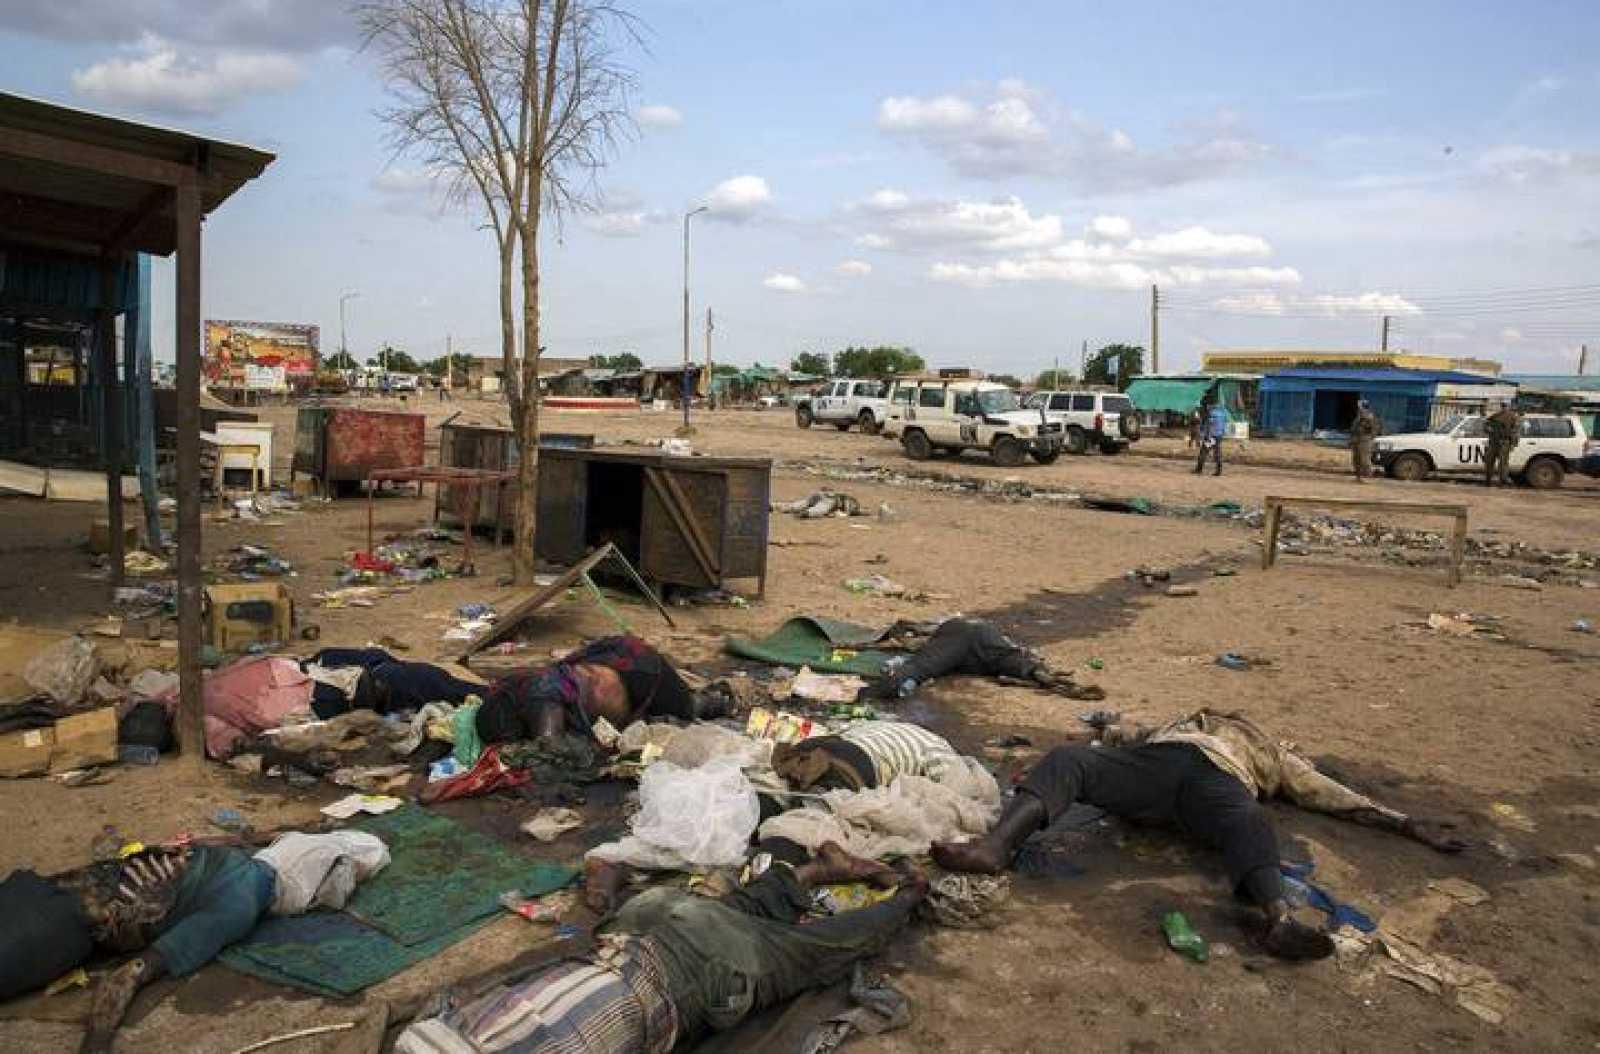 Cuerpos de civiles asesinados en una matanza en Bentiu, Sudán del Sur